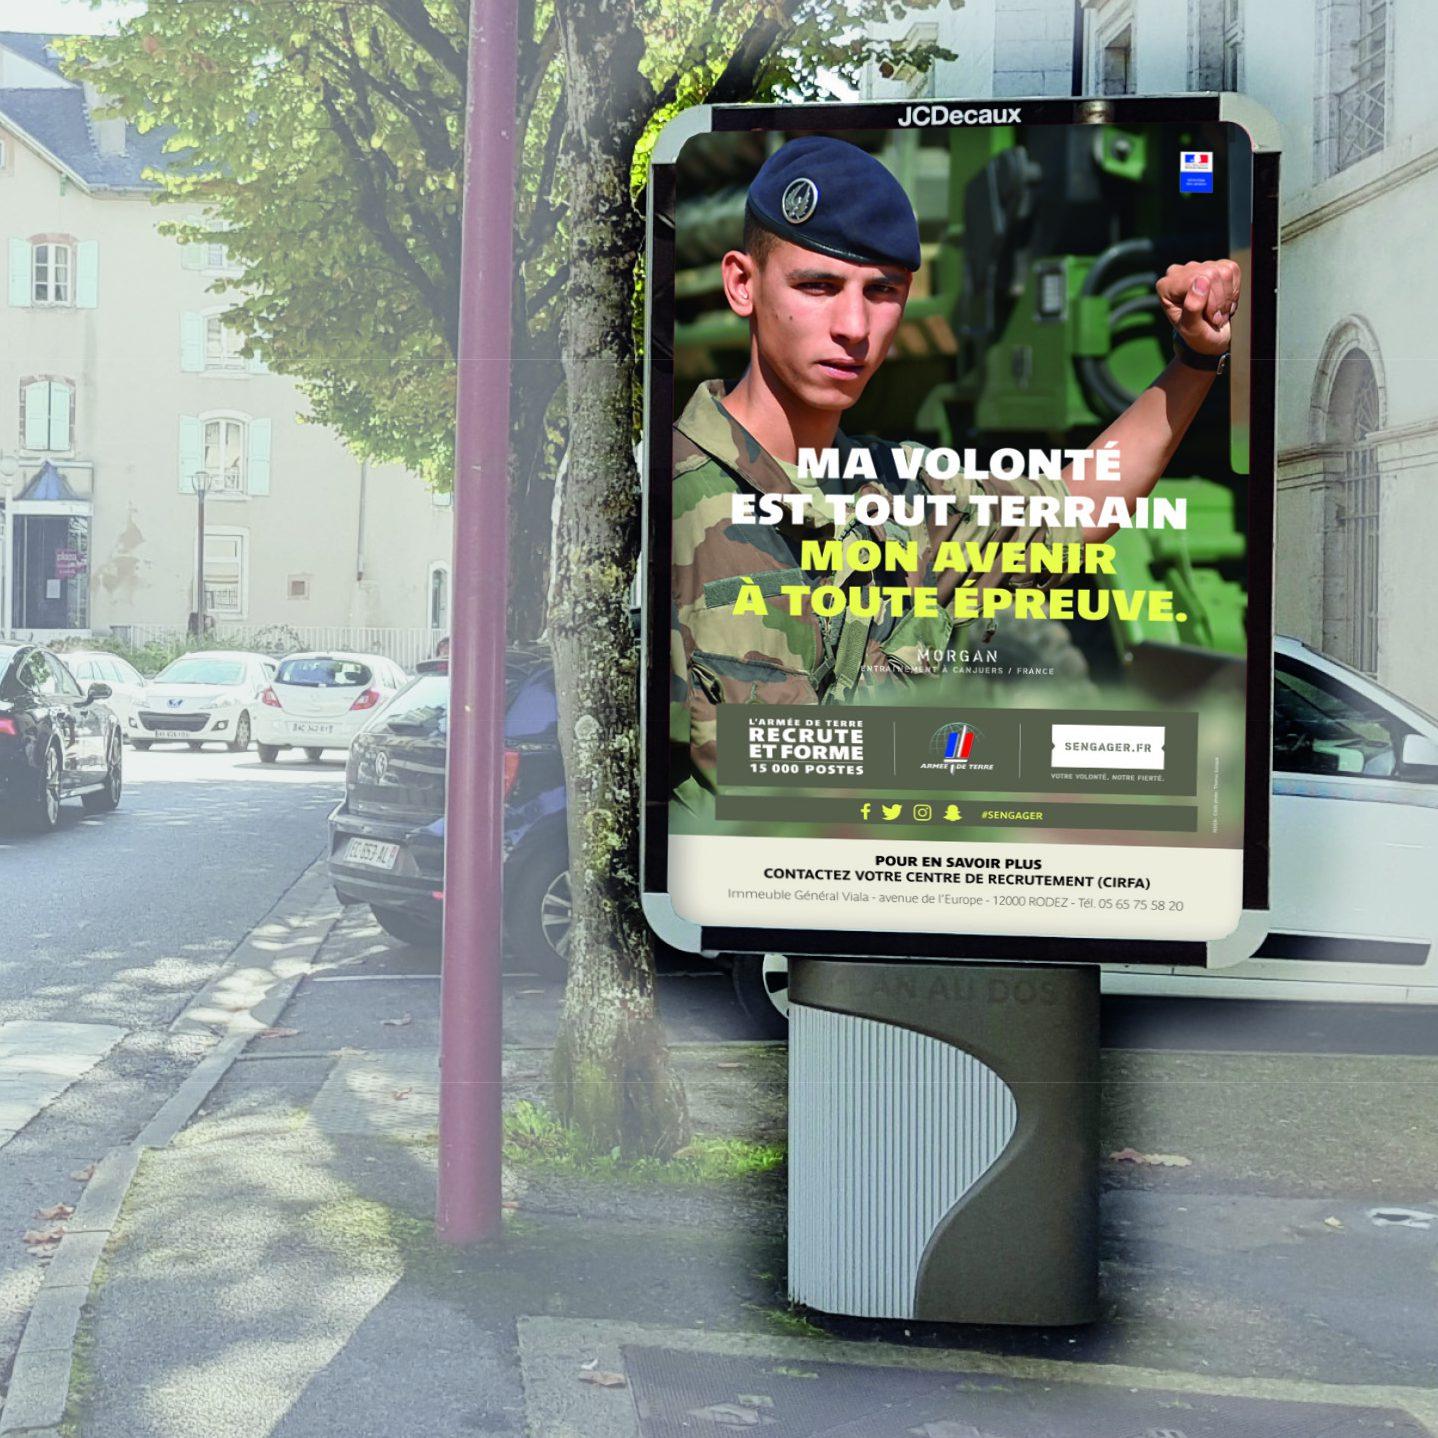 Achat d'espace publicitaire pour affichage